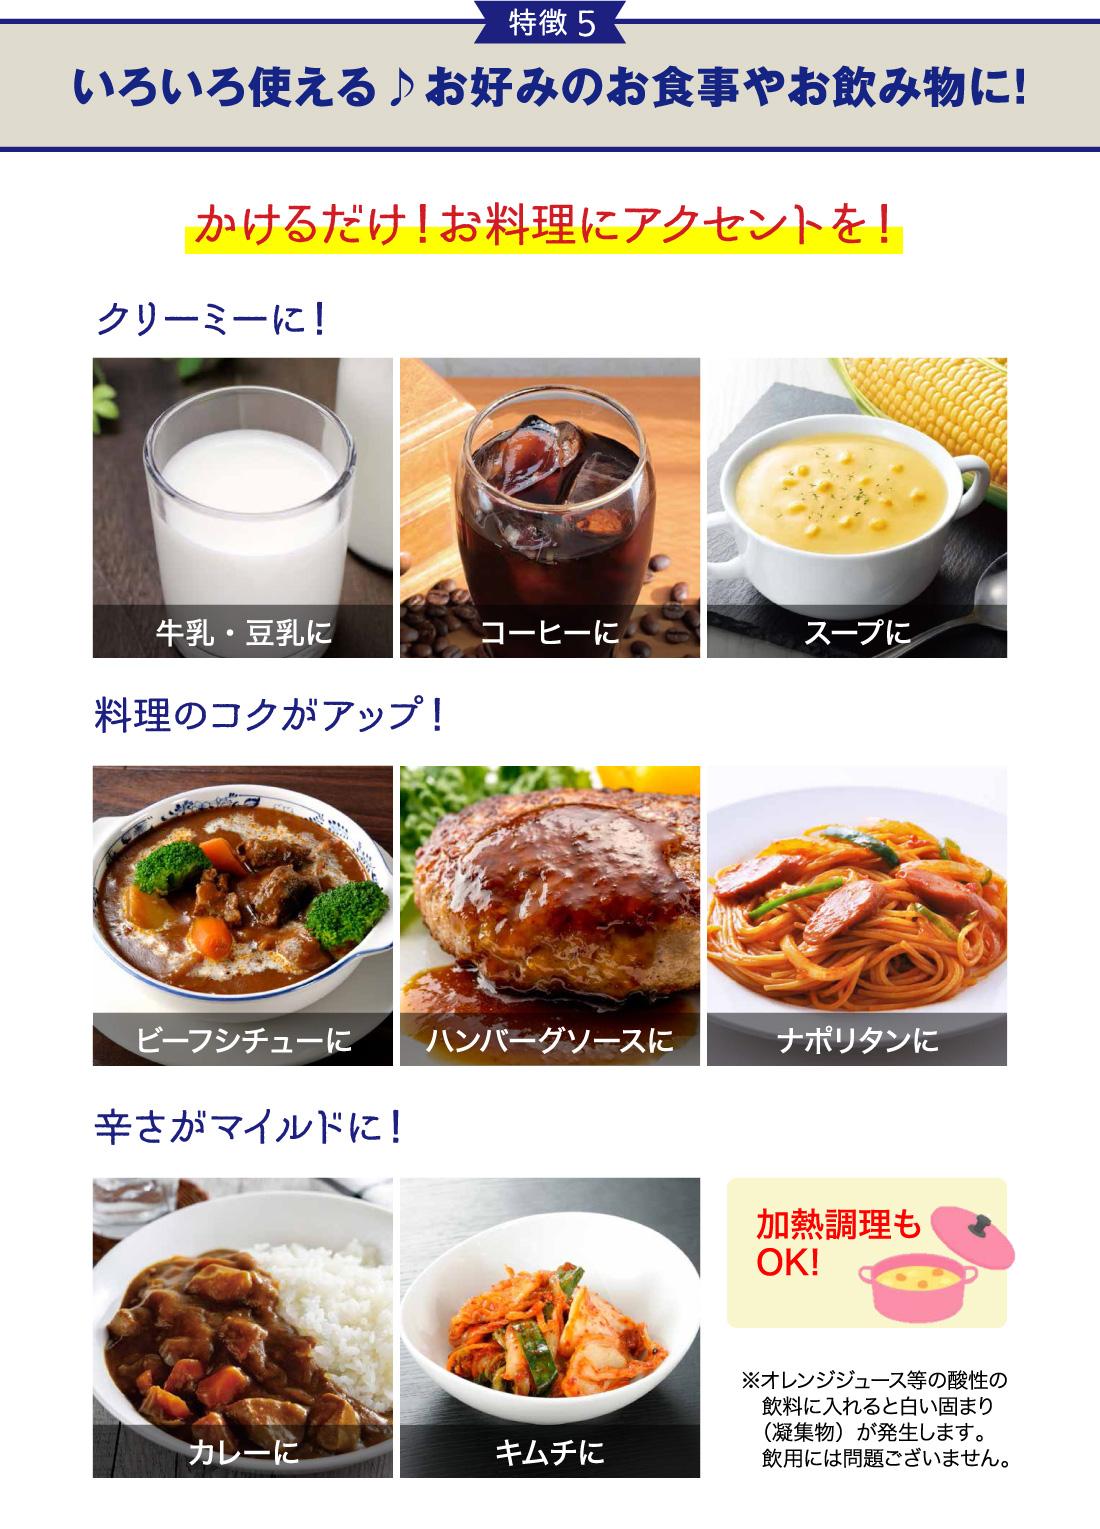 特徴5-いろいろ使える♪お好みのお食事やお飲み物に!